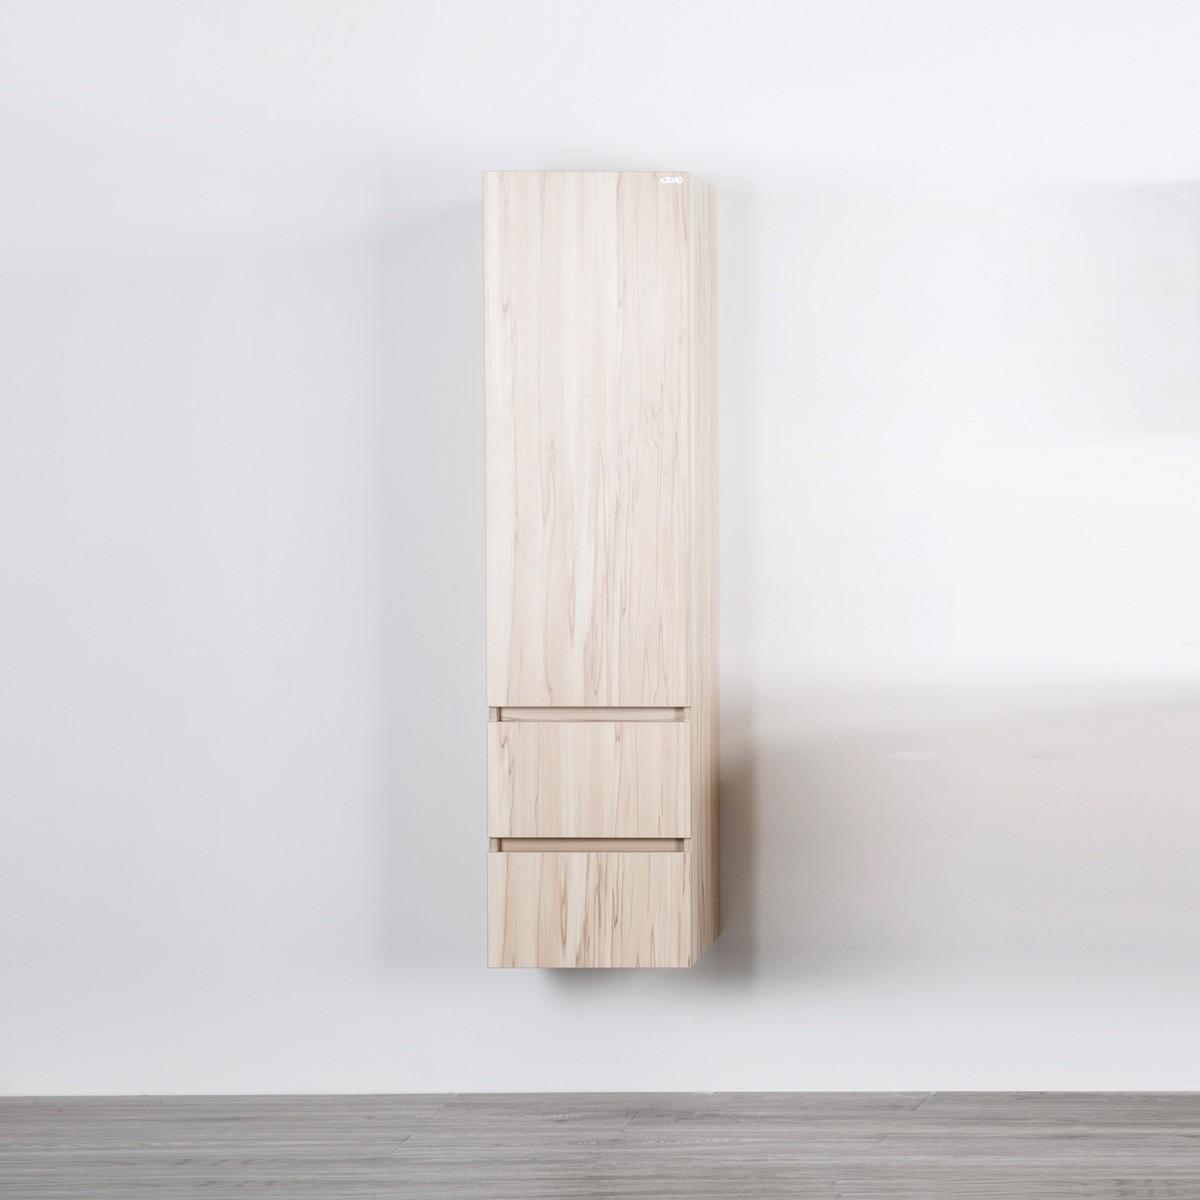 Haute qualit meuble de salle de bain en bois massif avec fonte min rale vie - Meuble de salle de bain de qualite ...